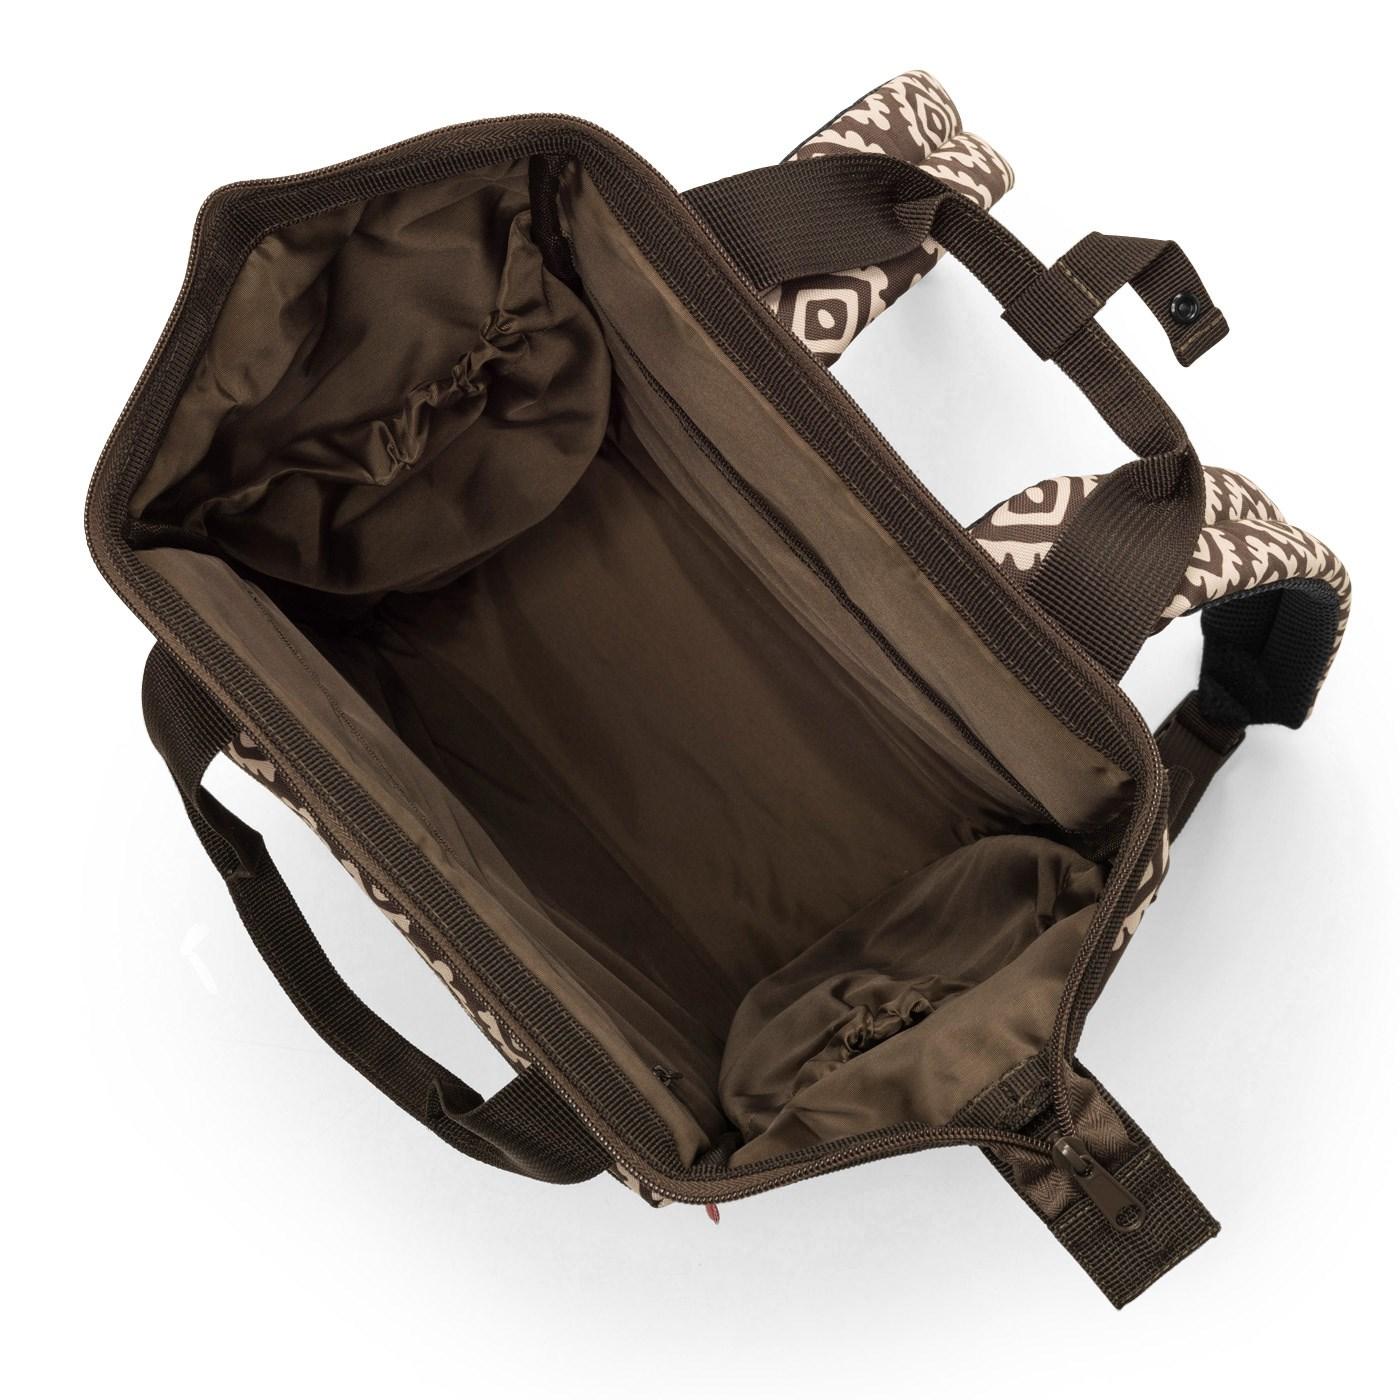 Batoh/cestovní taška ALLROUNDER R diamonds mocha_0